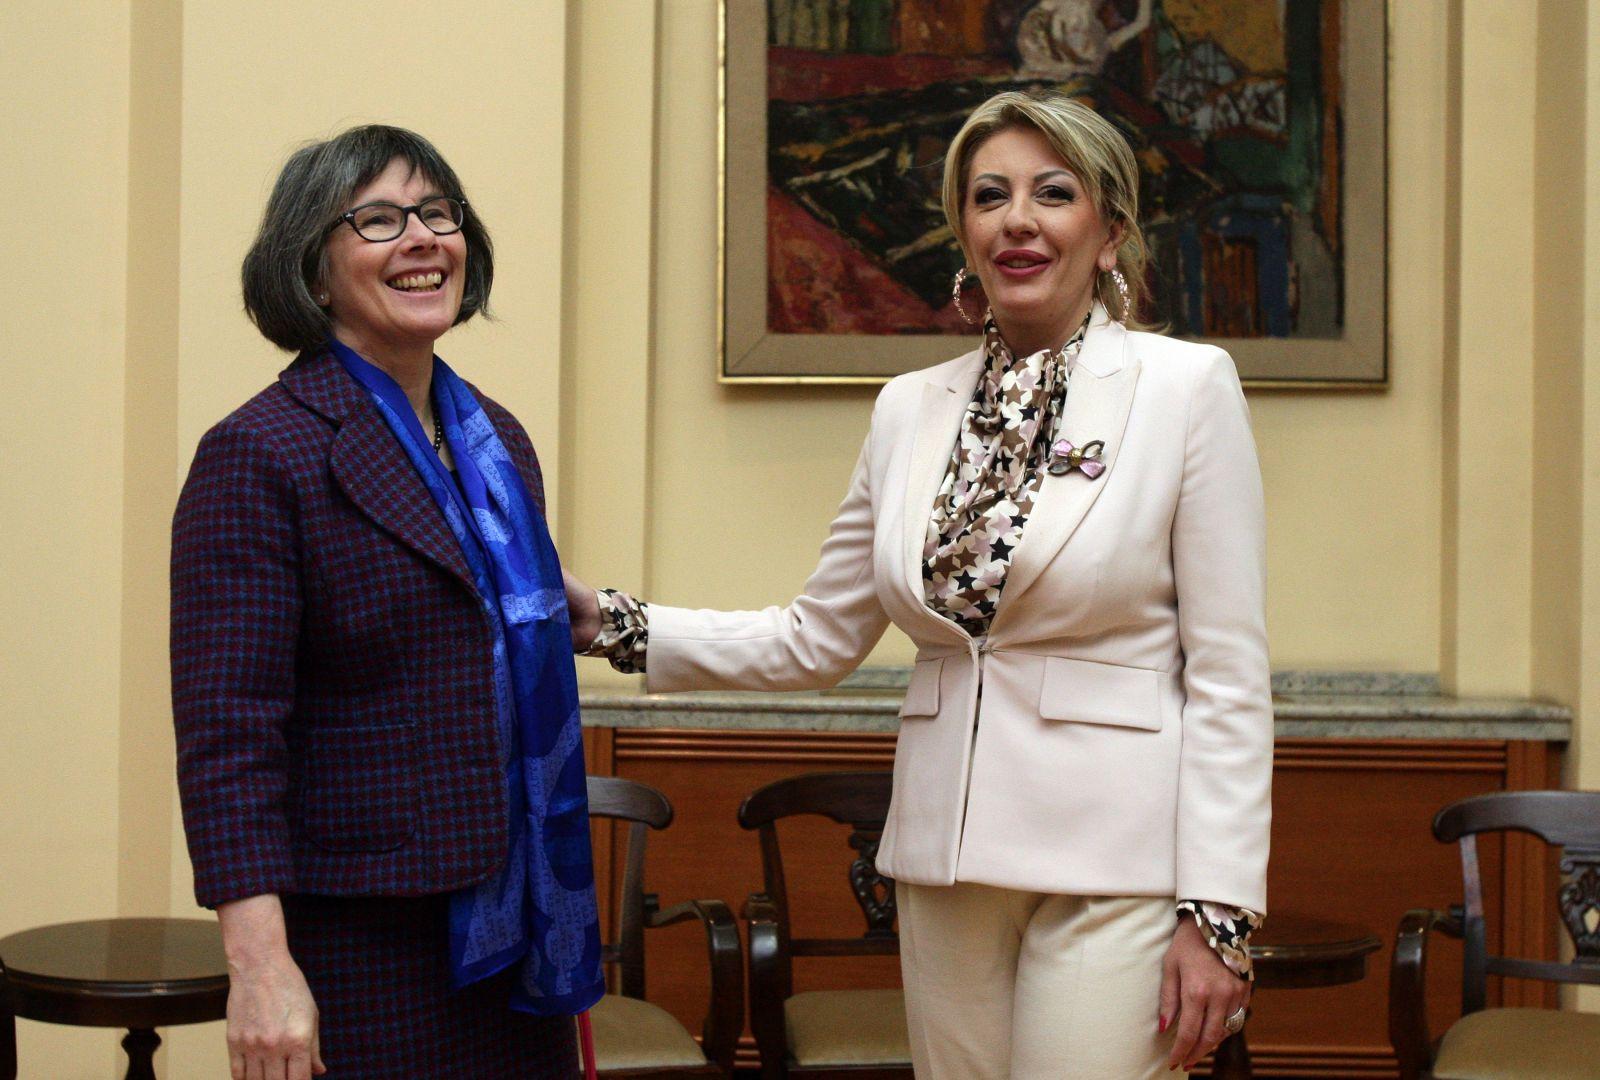 Ј. Јоксимовић и Маклауд: Фокус на јачању билатералних односа УК и Србије